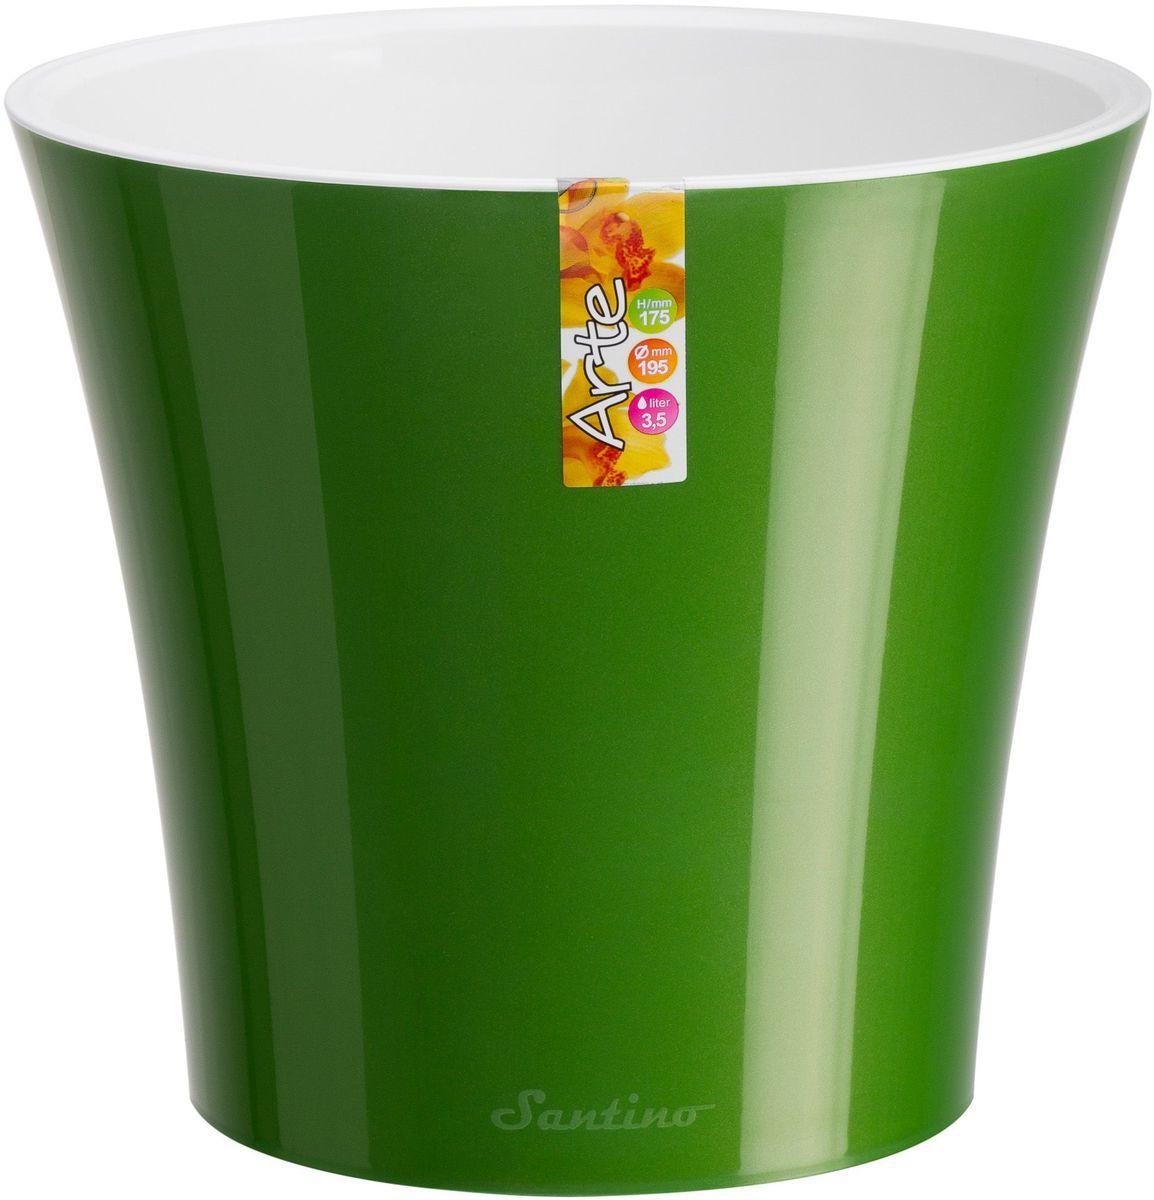 Горшок цветочный Santino Арте, двойной, с системой автополива, цвет: зеленое золото, белый, 1,2 л531-402Любой, даже самый современный и продуманный интерьер будет незавершённым без растений. Они не только очищают воздух и насыщают его кислородом, но и украшают окружающее пространство. Такому полезному члену семьи просто необходим красивый и функциональный дом! Мы предлагаем #name#! Оптимальный выбор материала — пластмасса! Почему мы так считаем?Малый вес. С лёгкостью переносите горшки и кашпо с места на место, ставьте их на столики или полки, не беспокоясь о нагрузке. Простота ухода. Кашпо не нуждается в специальных условиях хранения. Его легко чистить — достаточно просто сполоснуть тёплой водой. Никаких потёртостей. Такие кашпо не царапают и не загрязняют поверхности, на которых стоят. Пластик дольше хранит влагу, а значит, растение реже нуждается в поливе. Пластмасса не пропускает воздух — корневой системе растения не грозят резкие перепады температур. Огромный выбор форм, декора и расцветок — вы без труда найдёте что-то, что идеально впишется в уже существующий интерьер. Соблюдая нехитрые правила ухода, вы можете заметно продлить срок службы горшков и кашпо из пластика:всегда учитывайте размер кроны и корневой системы (при разрастании большое растение способно повредить маленький горшок)берегите изделие от воздействия прямых солнечных лучей, чтобы горшки не выцветалидержите кашпо из пластика подальше от нагревающихся поверхностей. Создавайте прекрасные цветочные композиции, выращивайте рассаду или необычные растения.